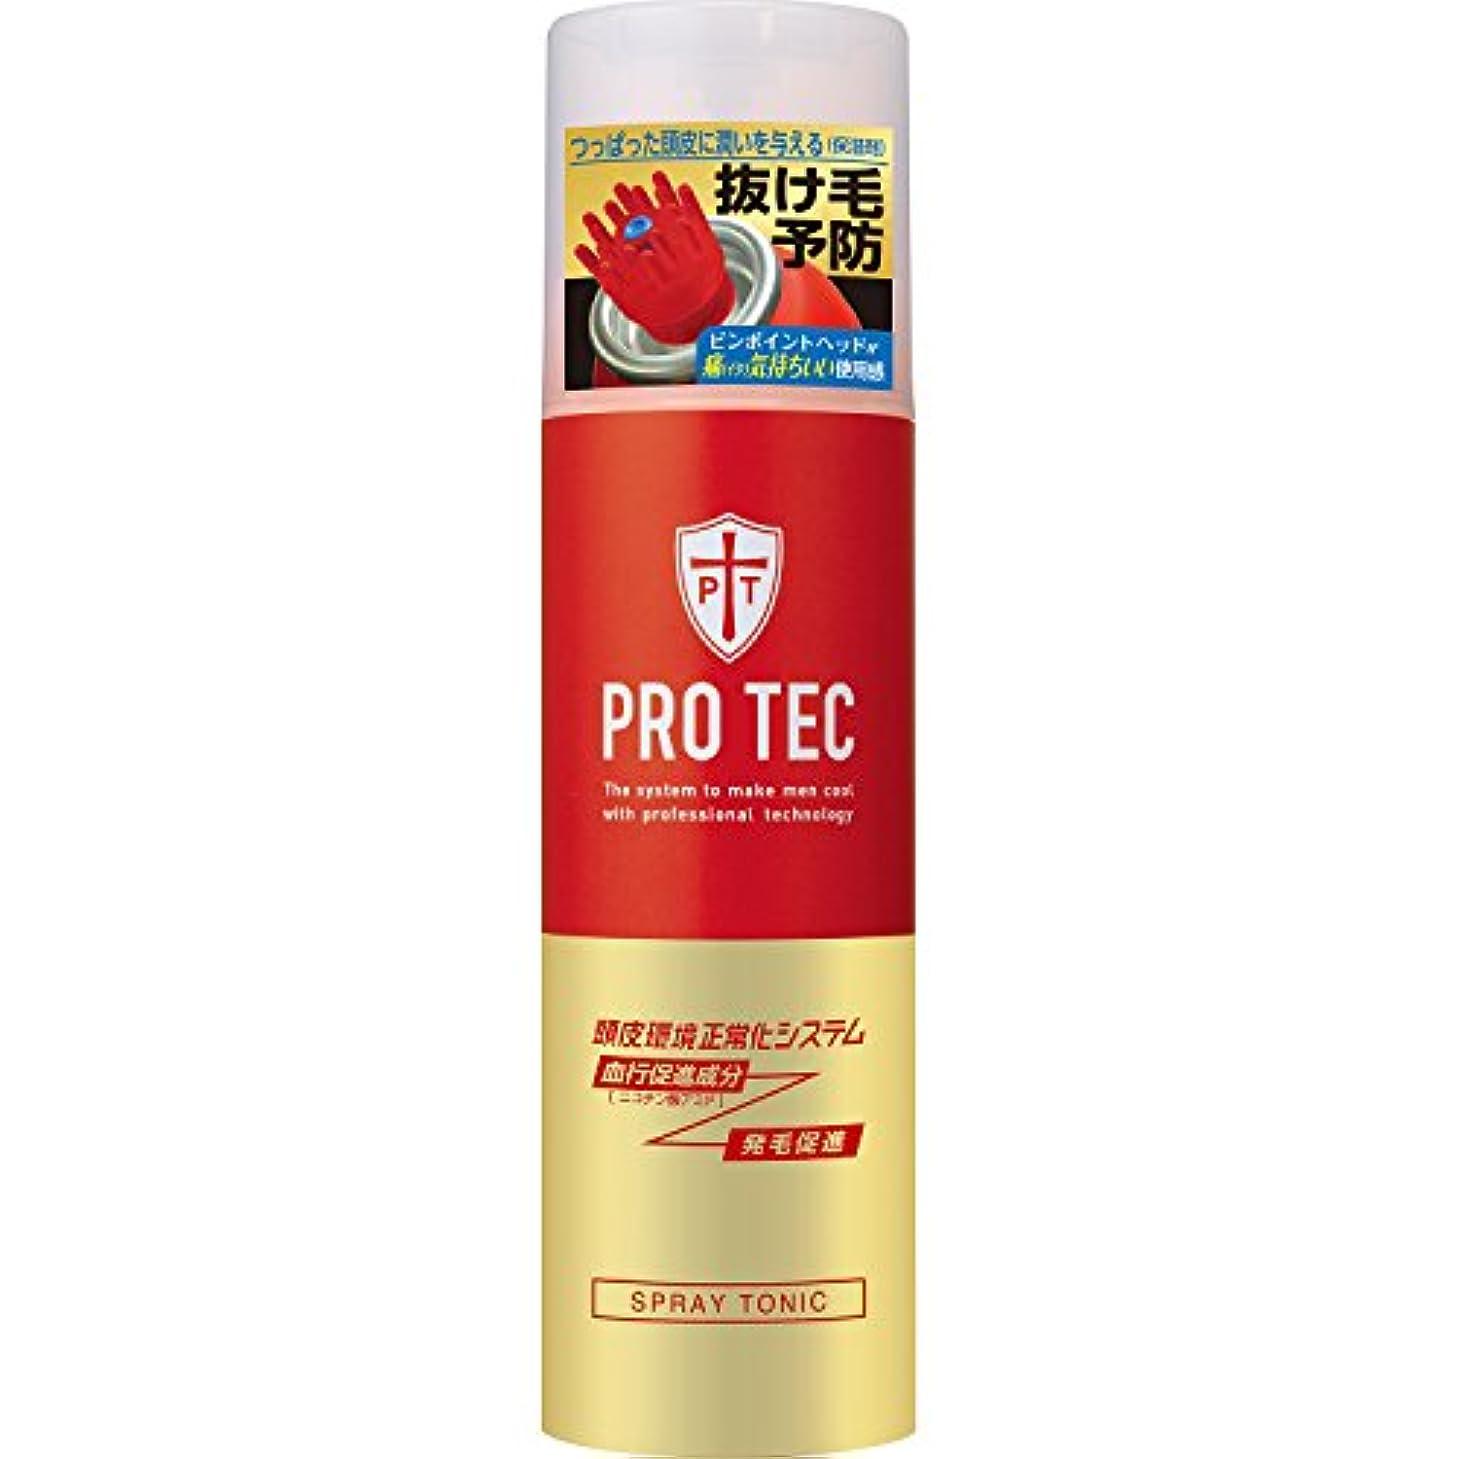 下着司令官羨望PRO TEC(プロテク) スプレートニック 150g(医薬部外品)